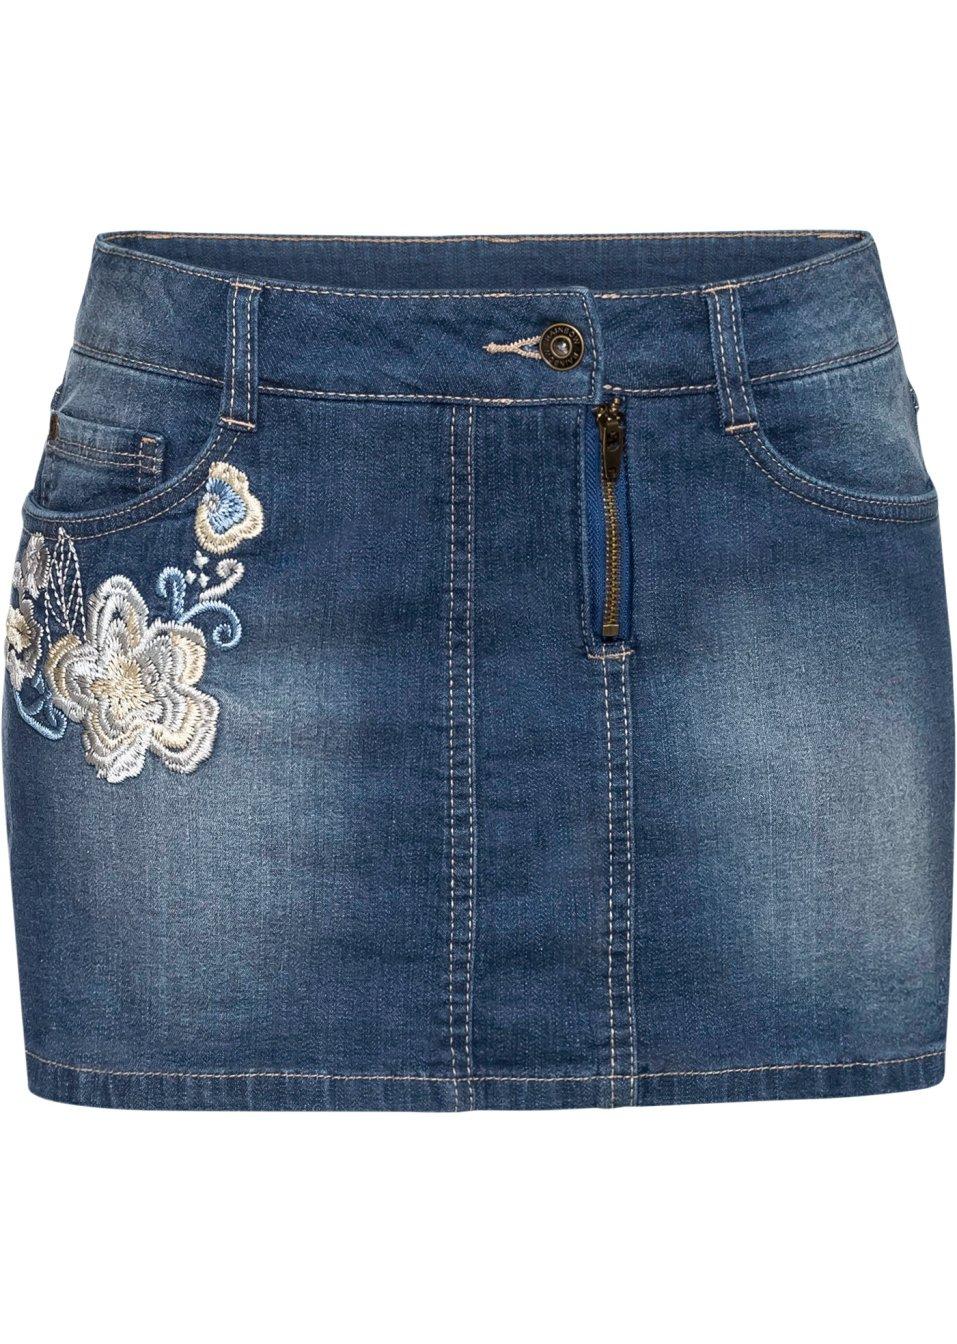 Jeans Hotpants in Rockoptik blue stone - RAINBOW - bonprix.de TWf4y b7I2n